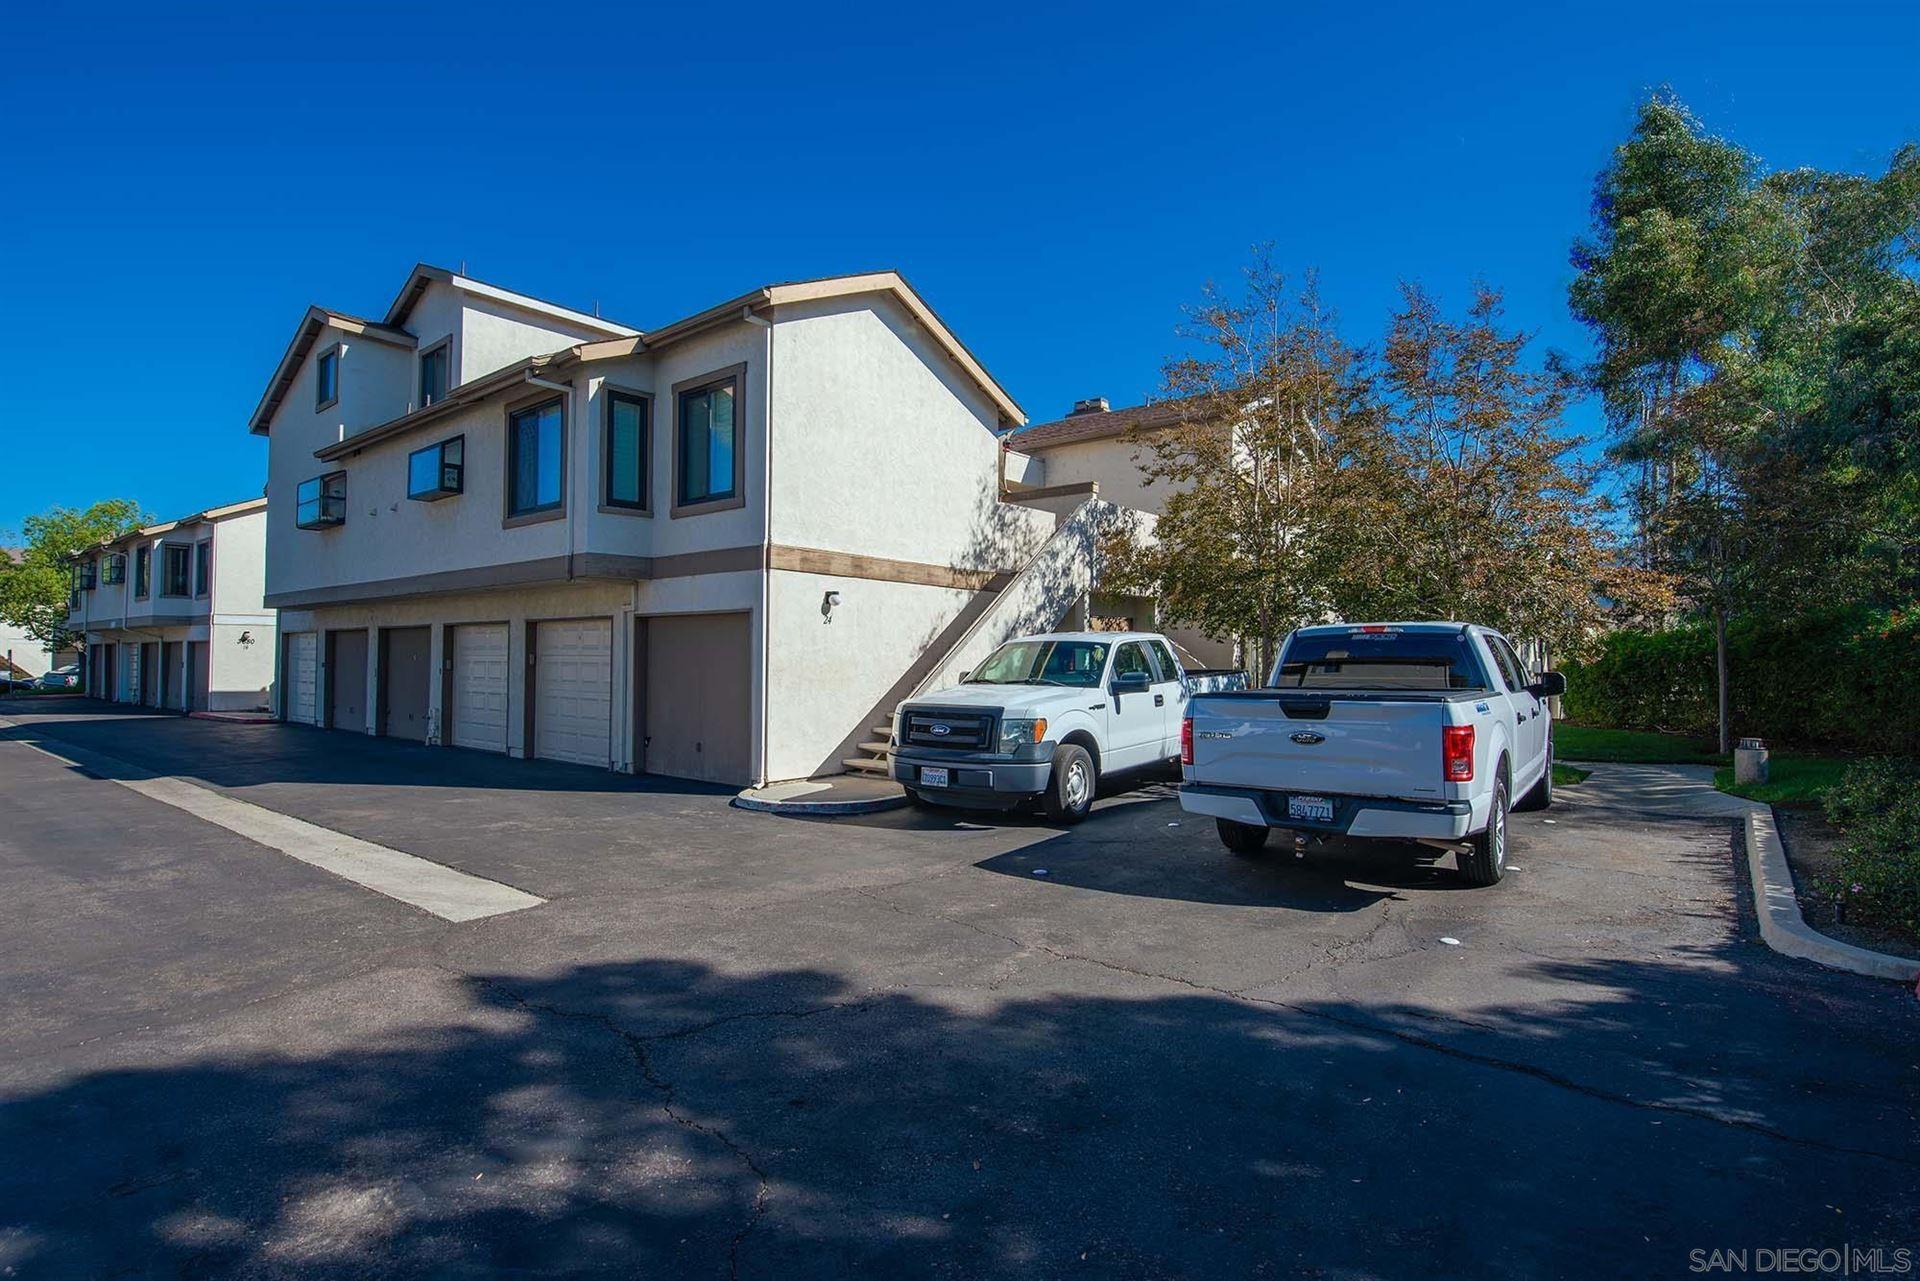 Photo of 3684 Avocado Village Ct. #22, La Mesa, CA 91941 (MLS # 210028928)